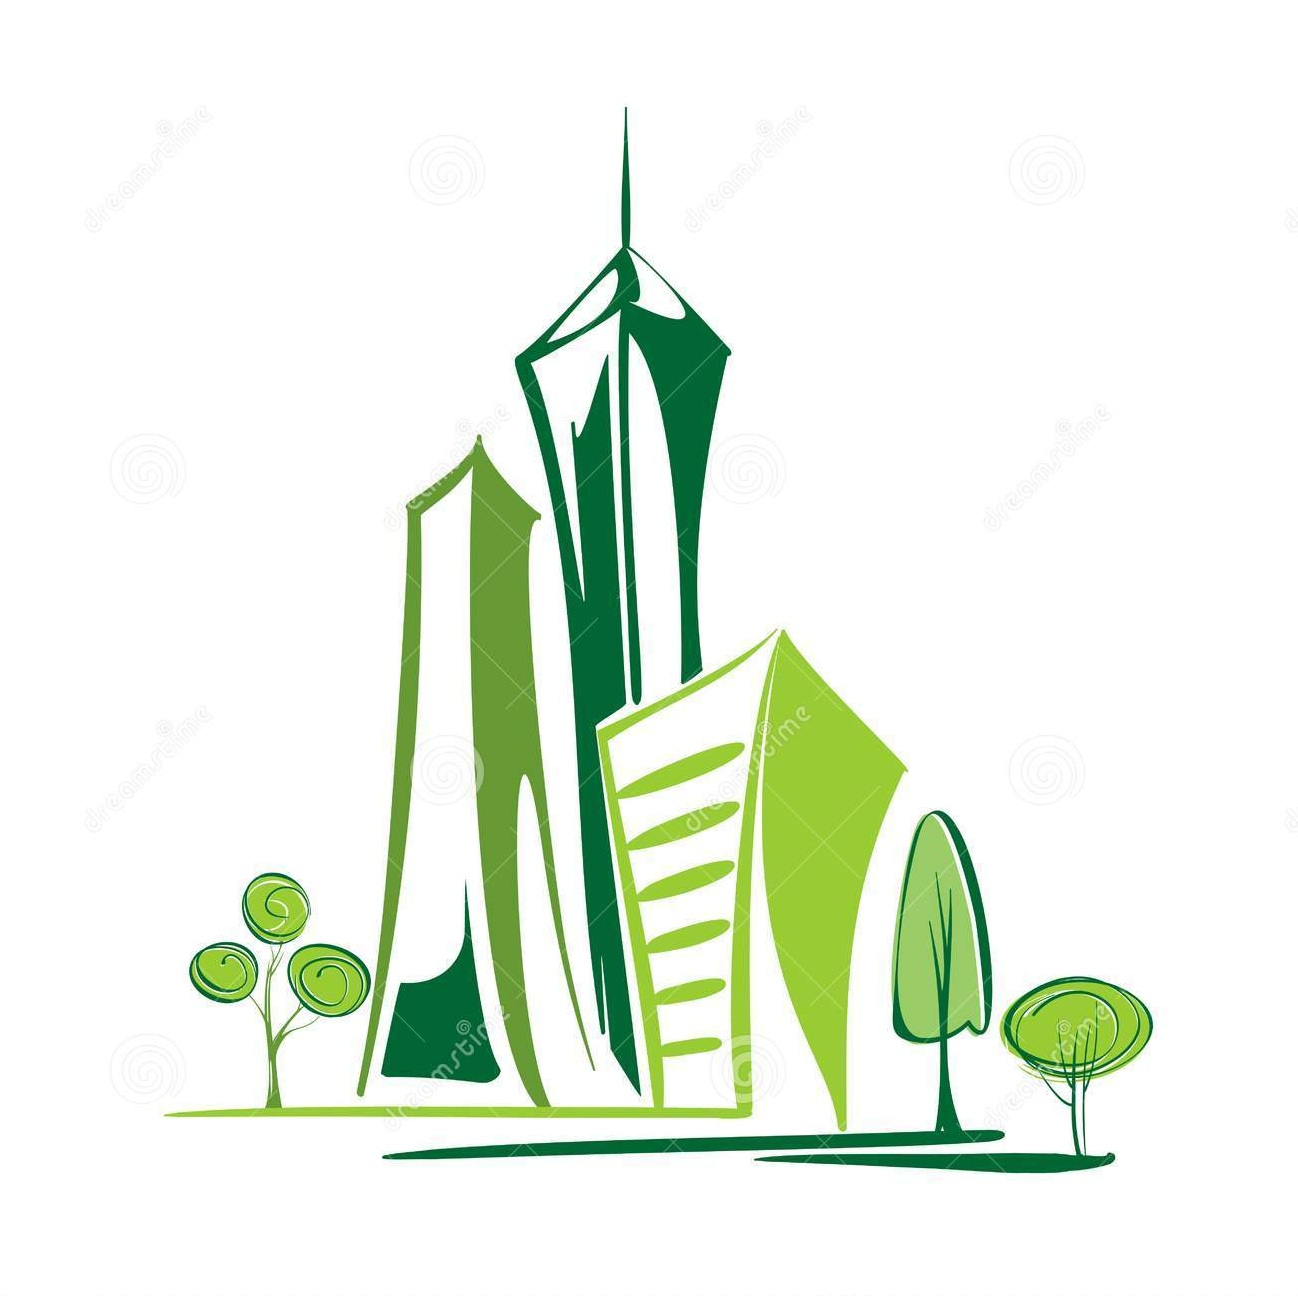 رشد هوشمندانه الگوی توسعه شهری(2)